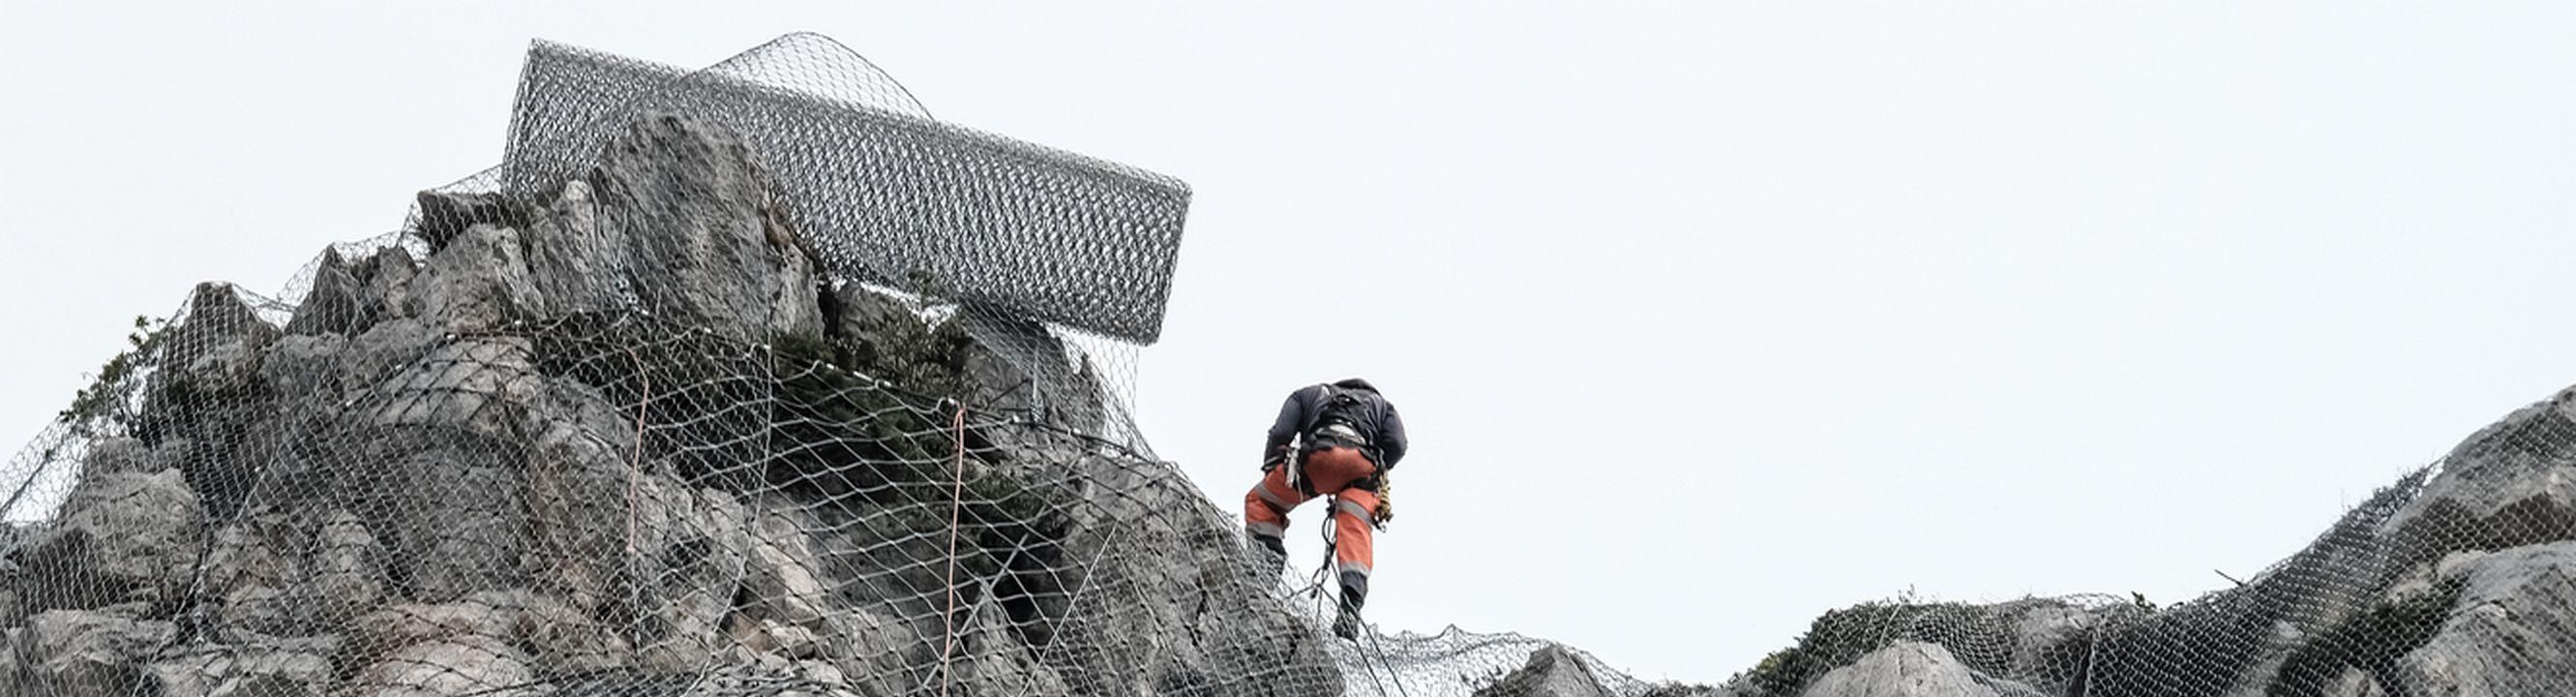 technicien cordiste tp 08 béton projeté ferraillage forage accro corde